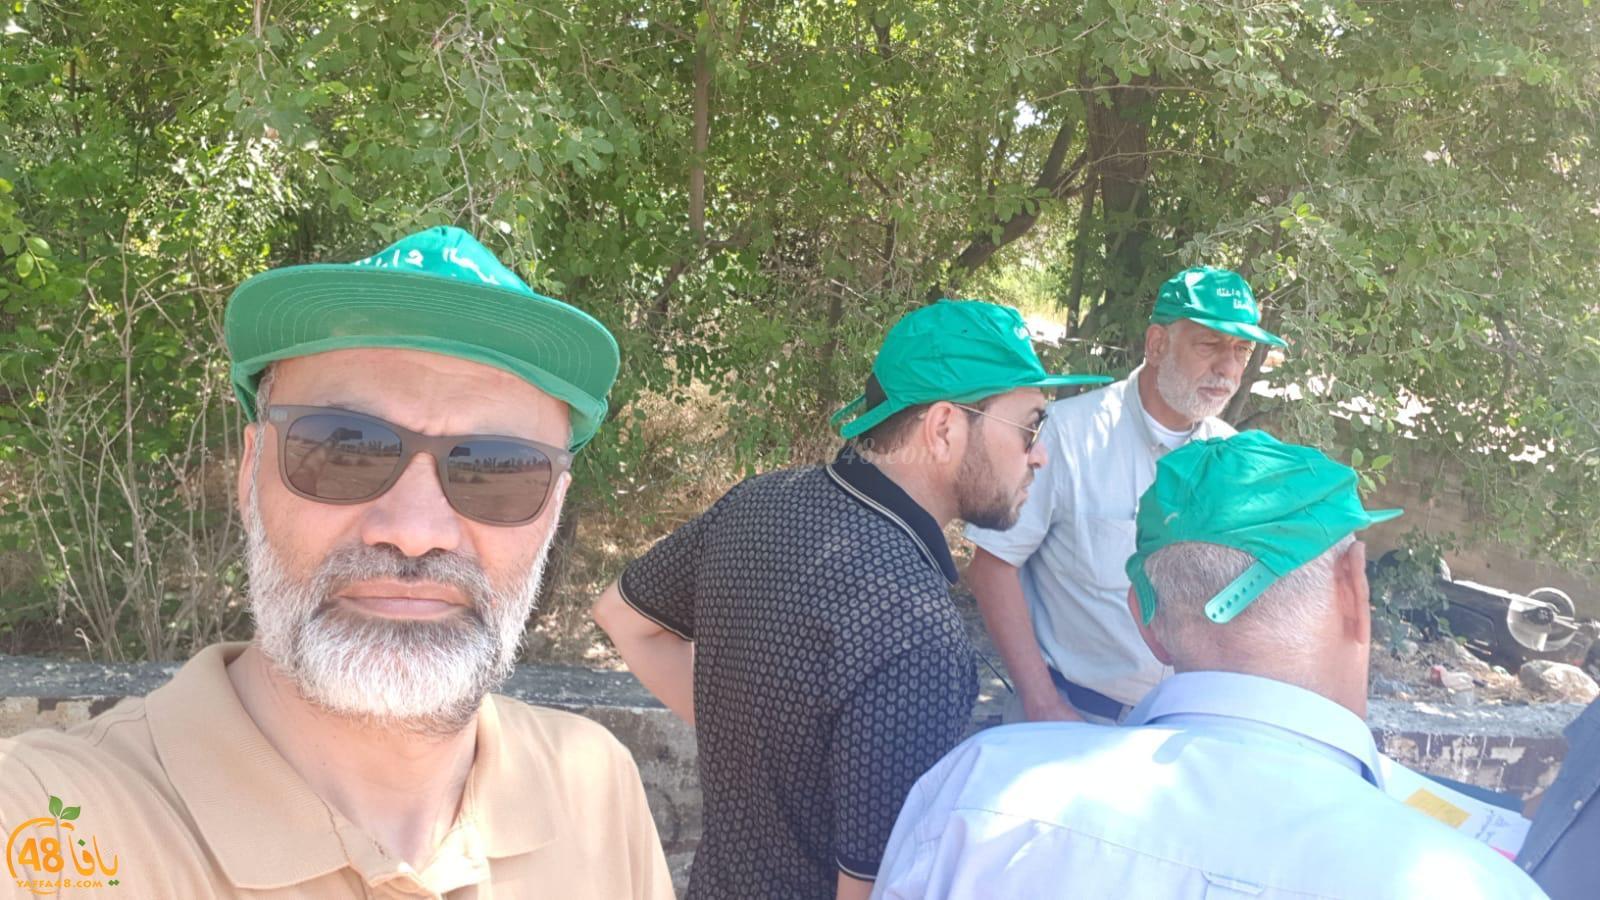 السبت 23.11: معسكر عمل لتنظيف كافة المقابر والاوقاف الاسلامية باللد